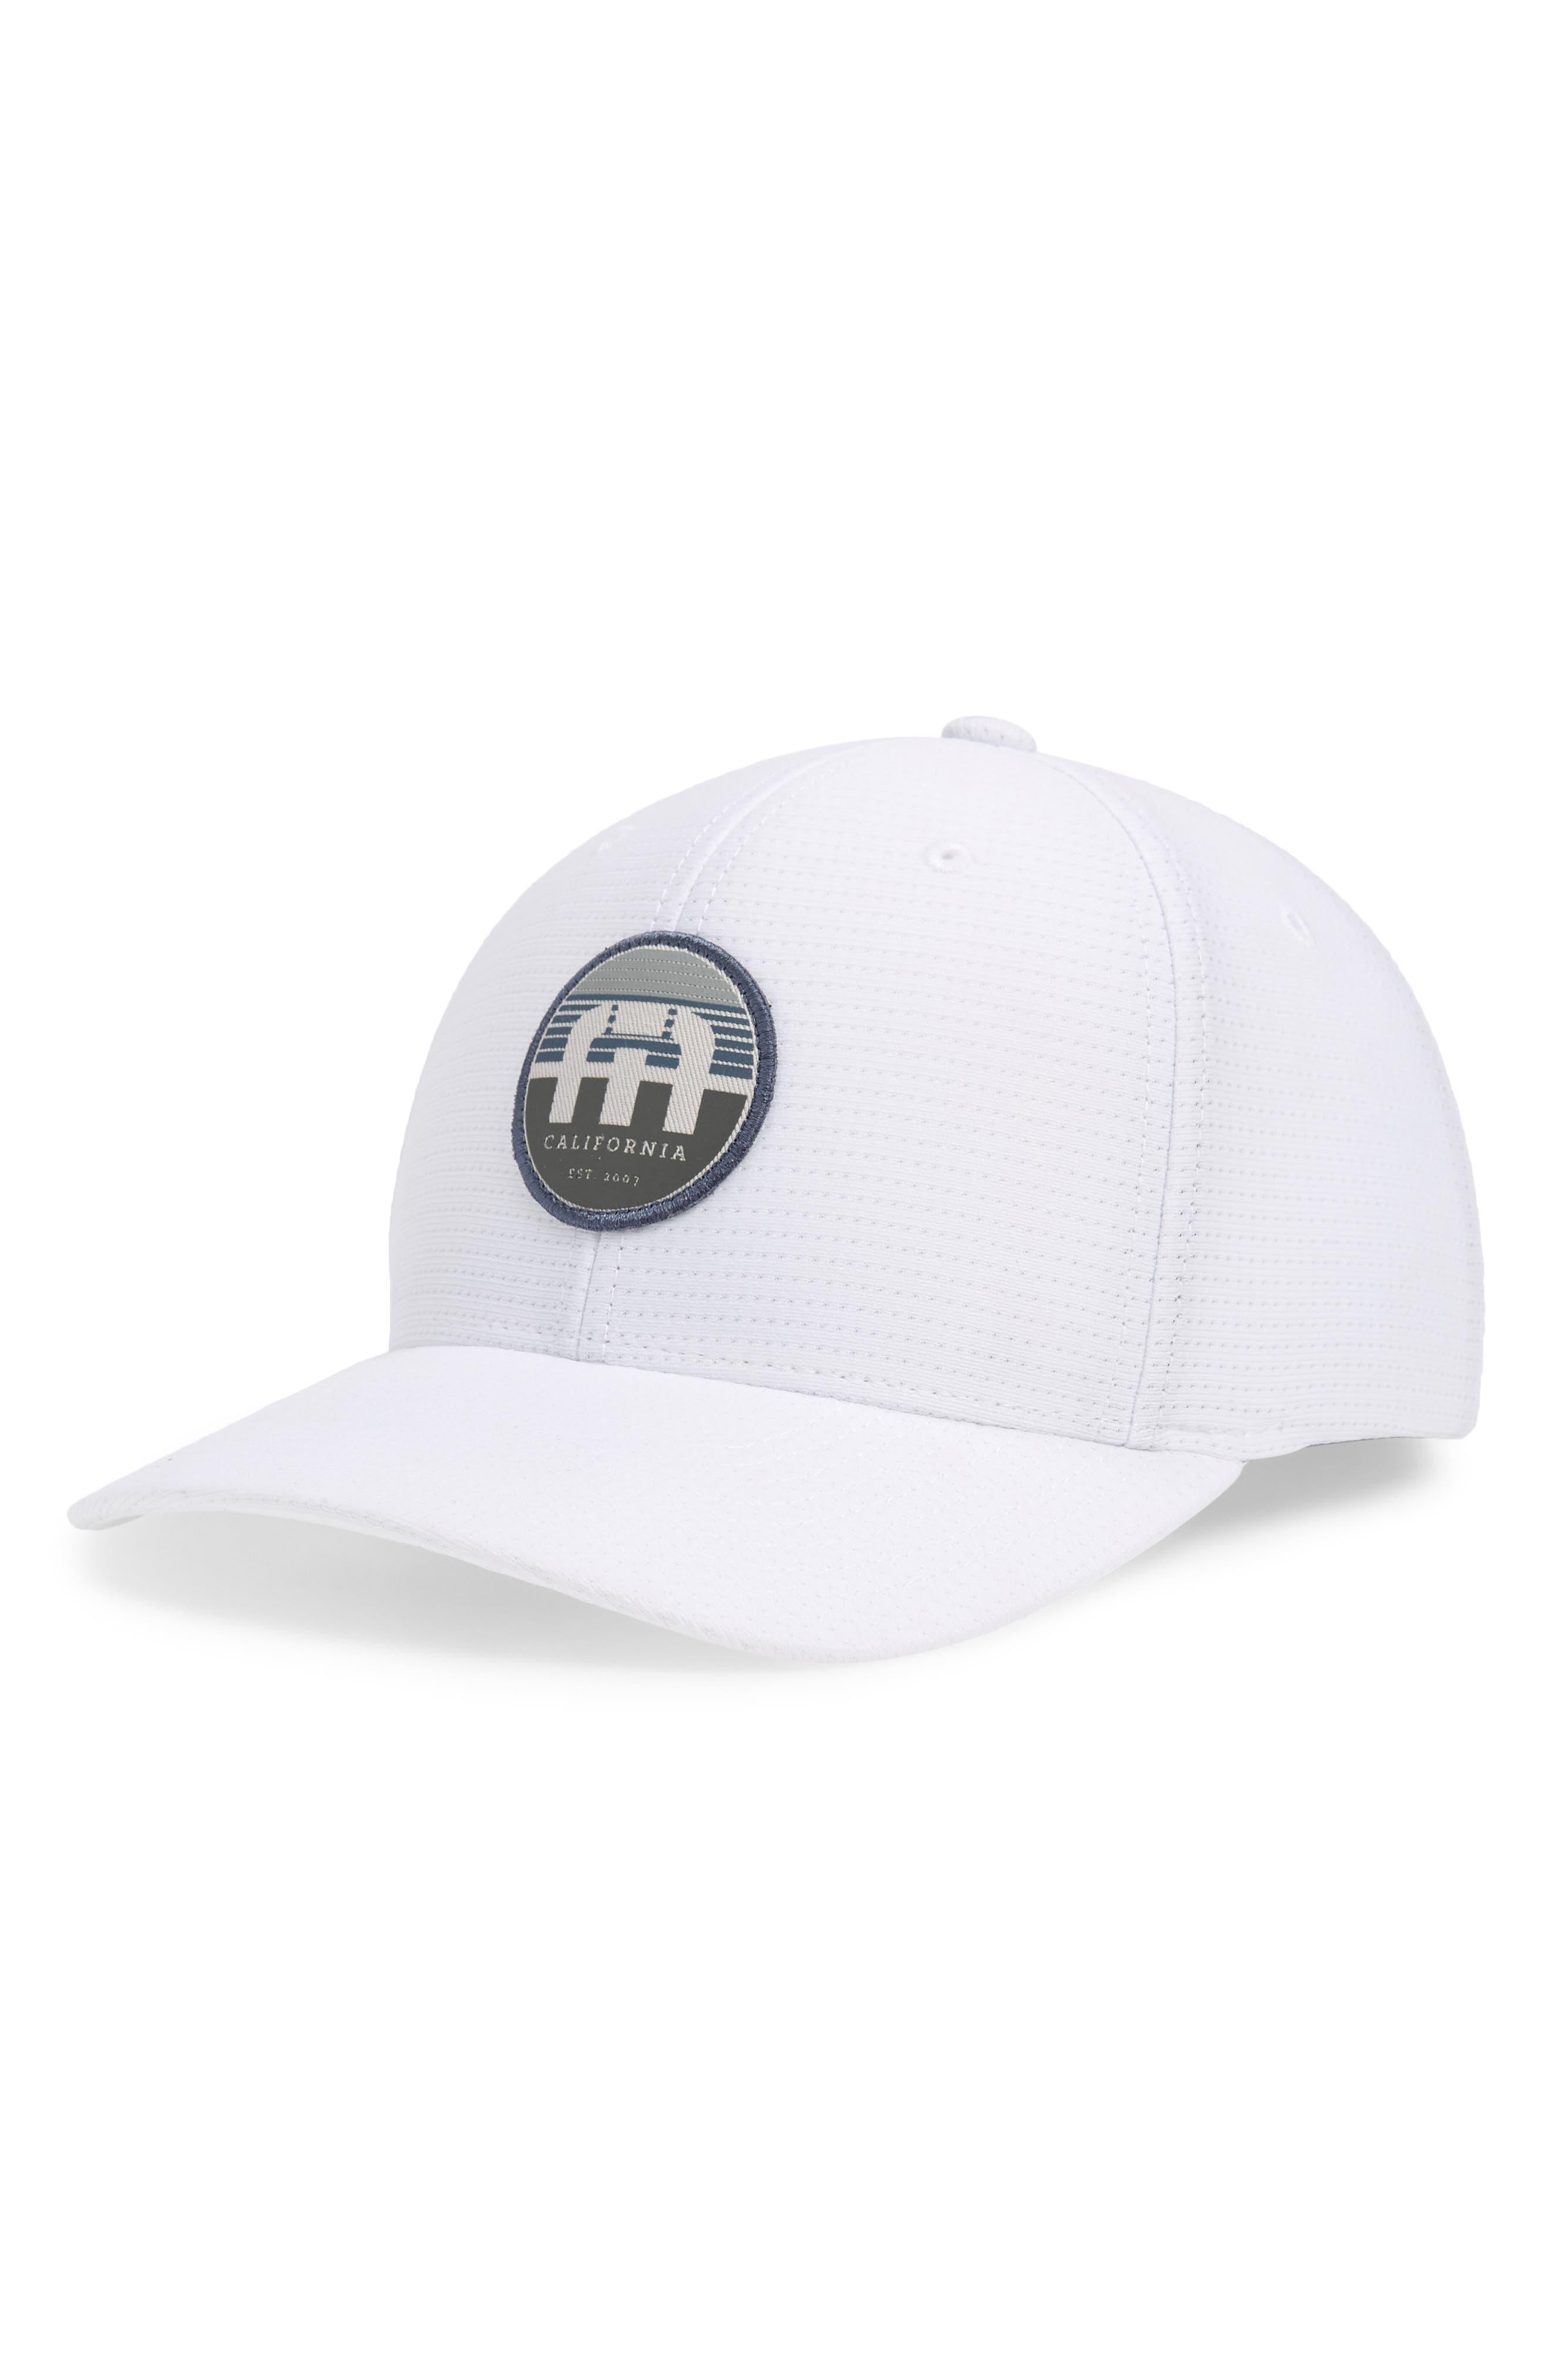 Septor Ball Cap,                         Main,                         color, White